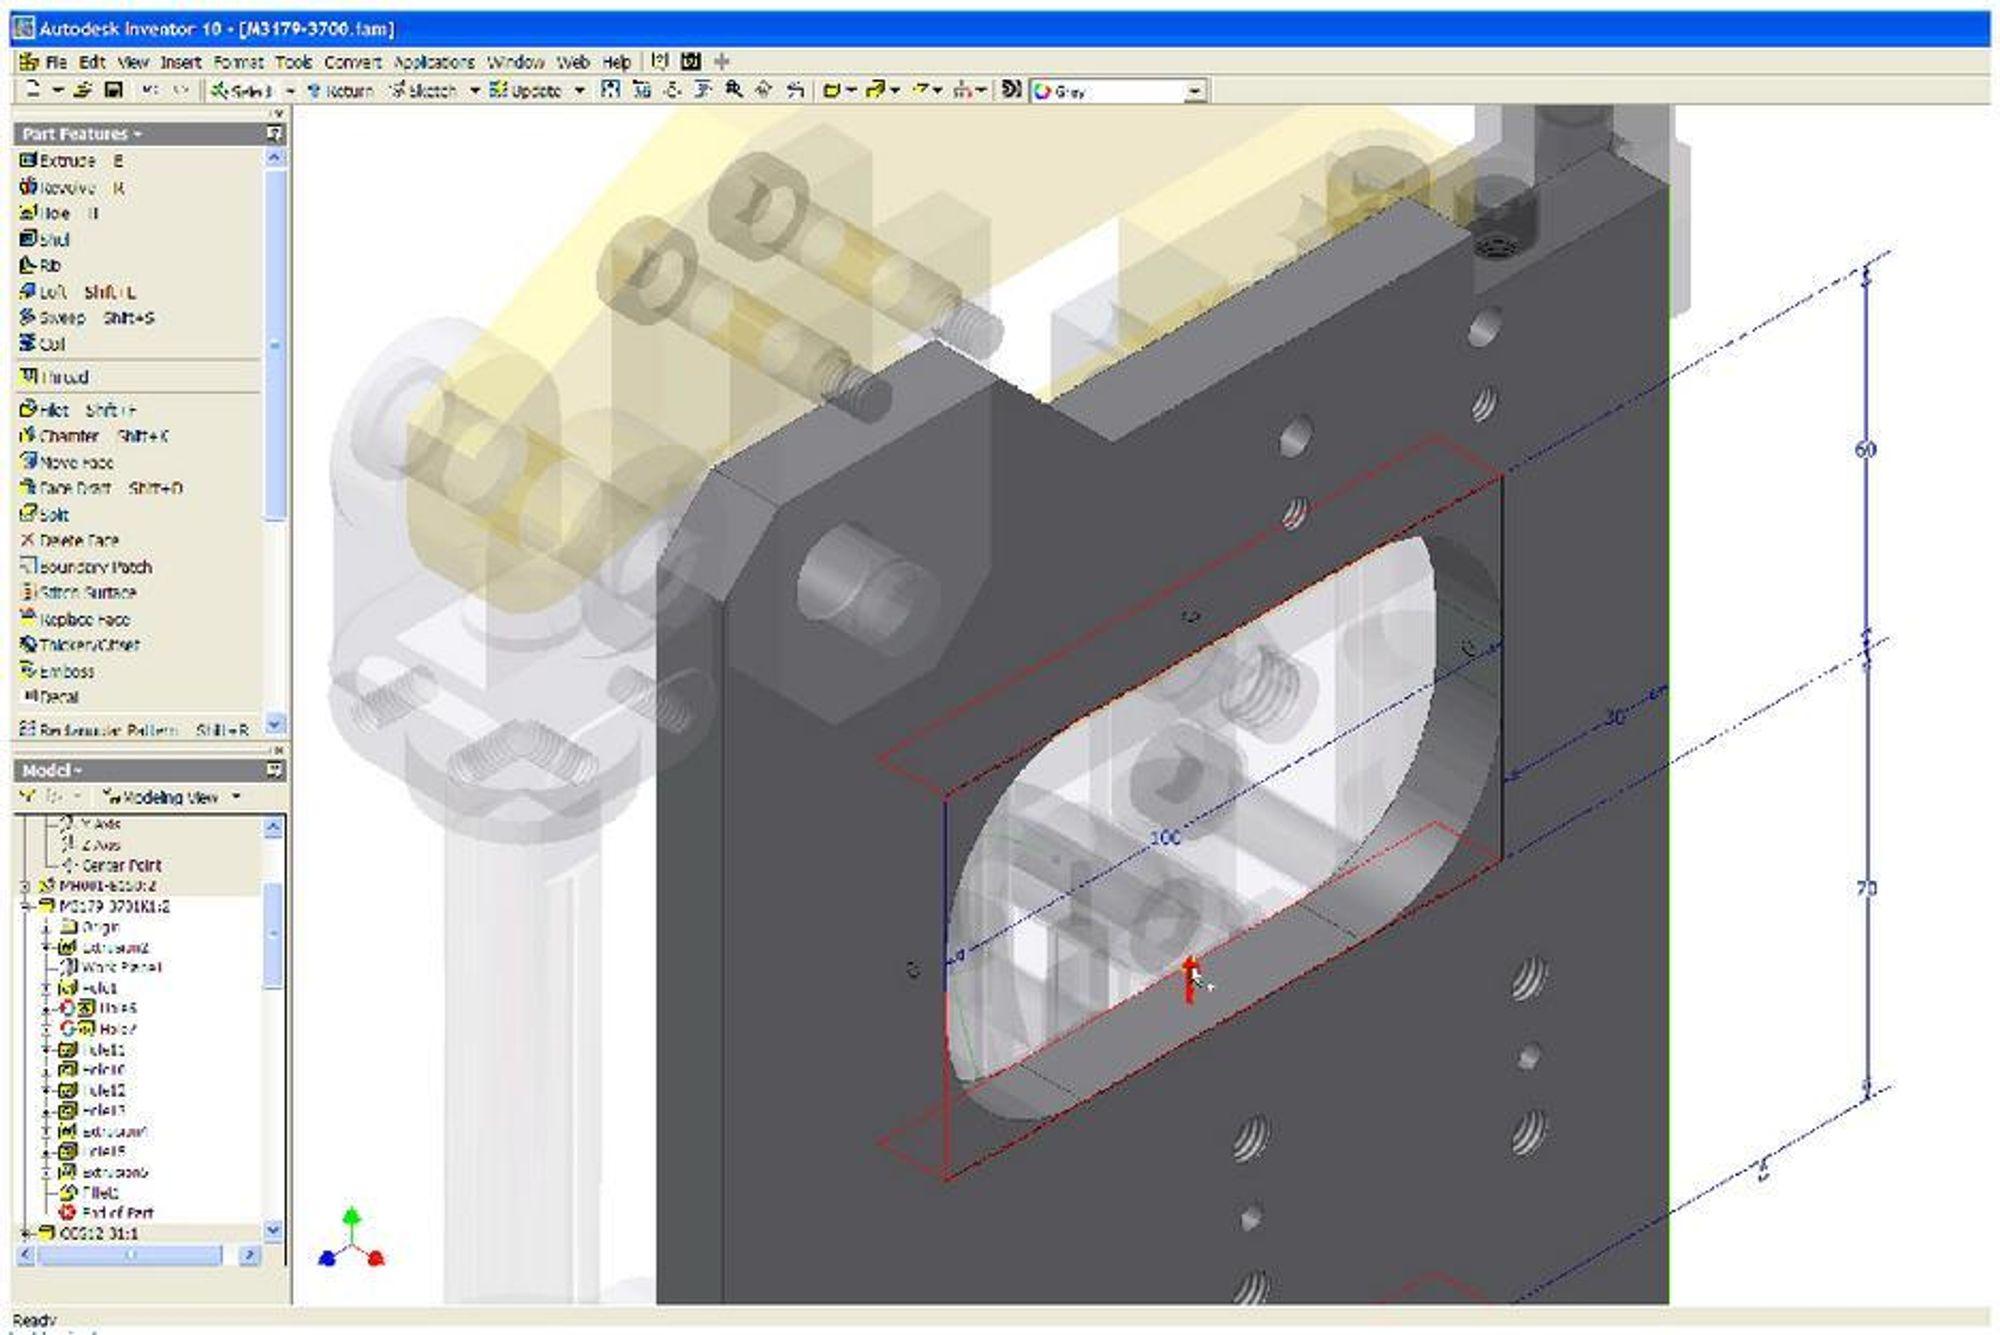 HÅNDTAK: Grips Edit er en rask og fleksibel måte for å redigere parametriske deler i nye Inventor 10. Nye 3D-håndtak (grips) gjør konstruksjonsendringer raskere med intuitiv skisse- og modellredigering. Det er bare å velge et håndtak og dra.ILL: AUTODESK